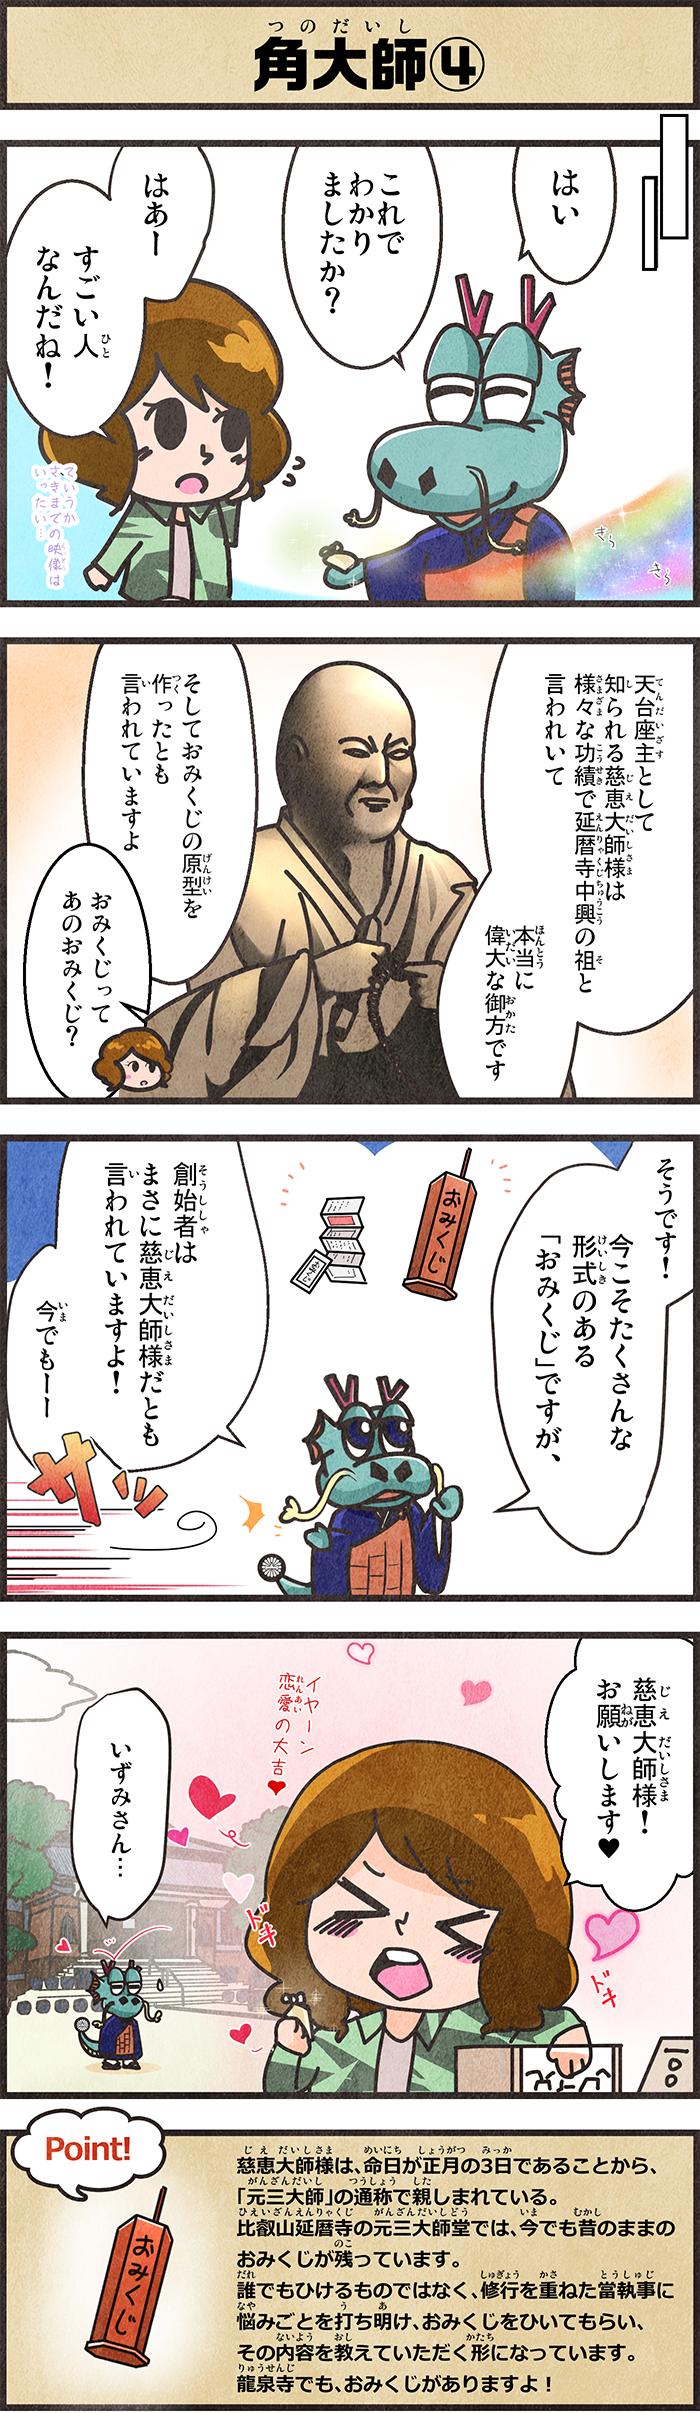 足利龍泉寺 こたつさん 46話 角大師4